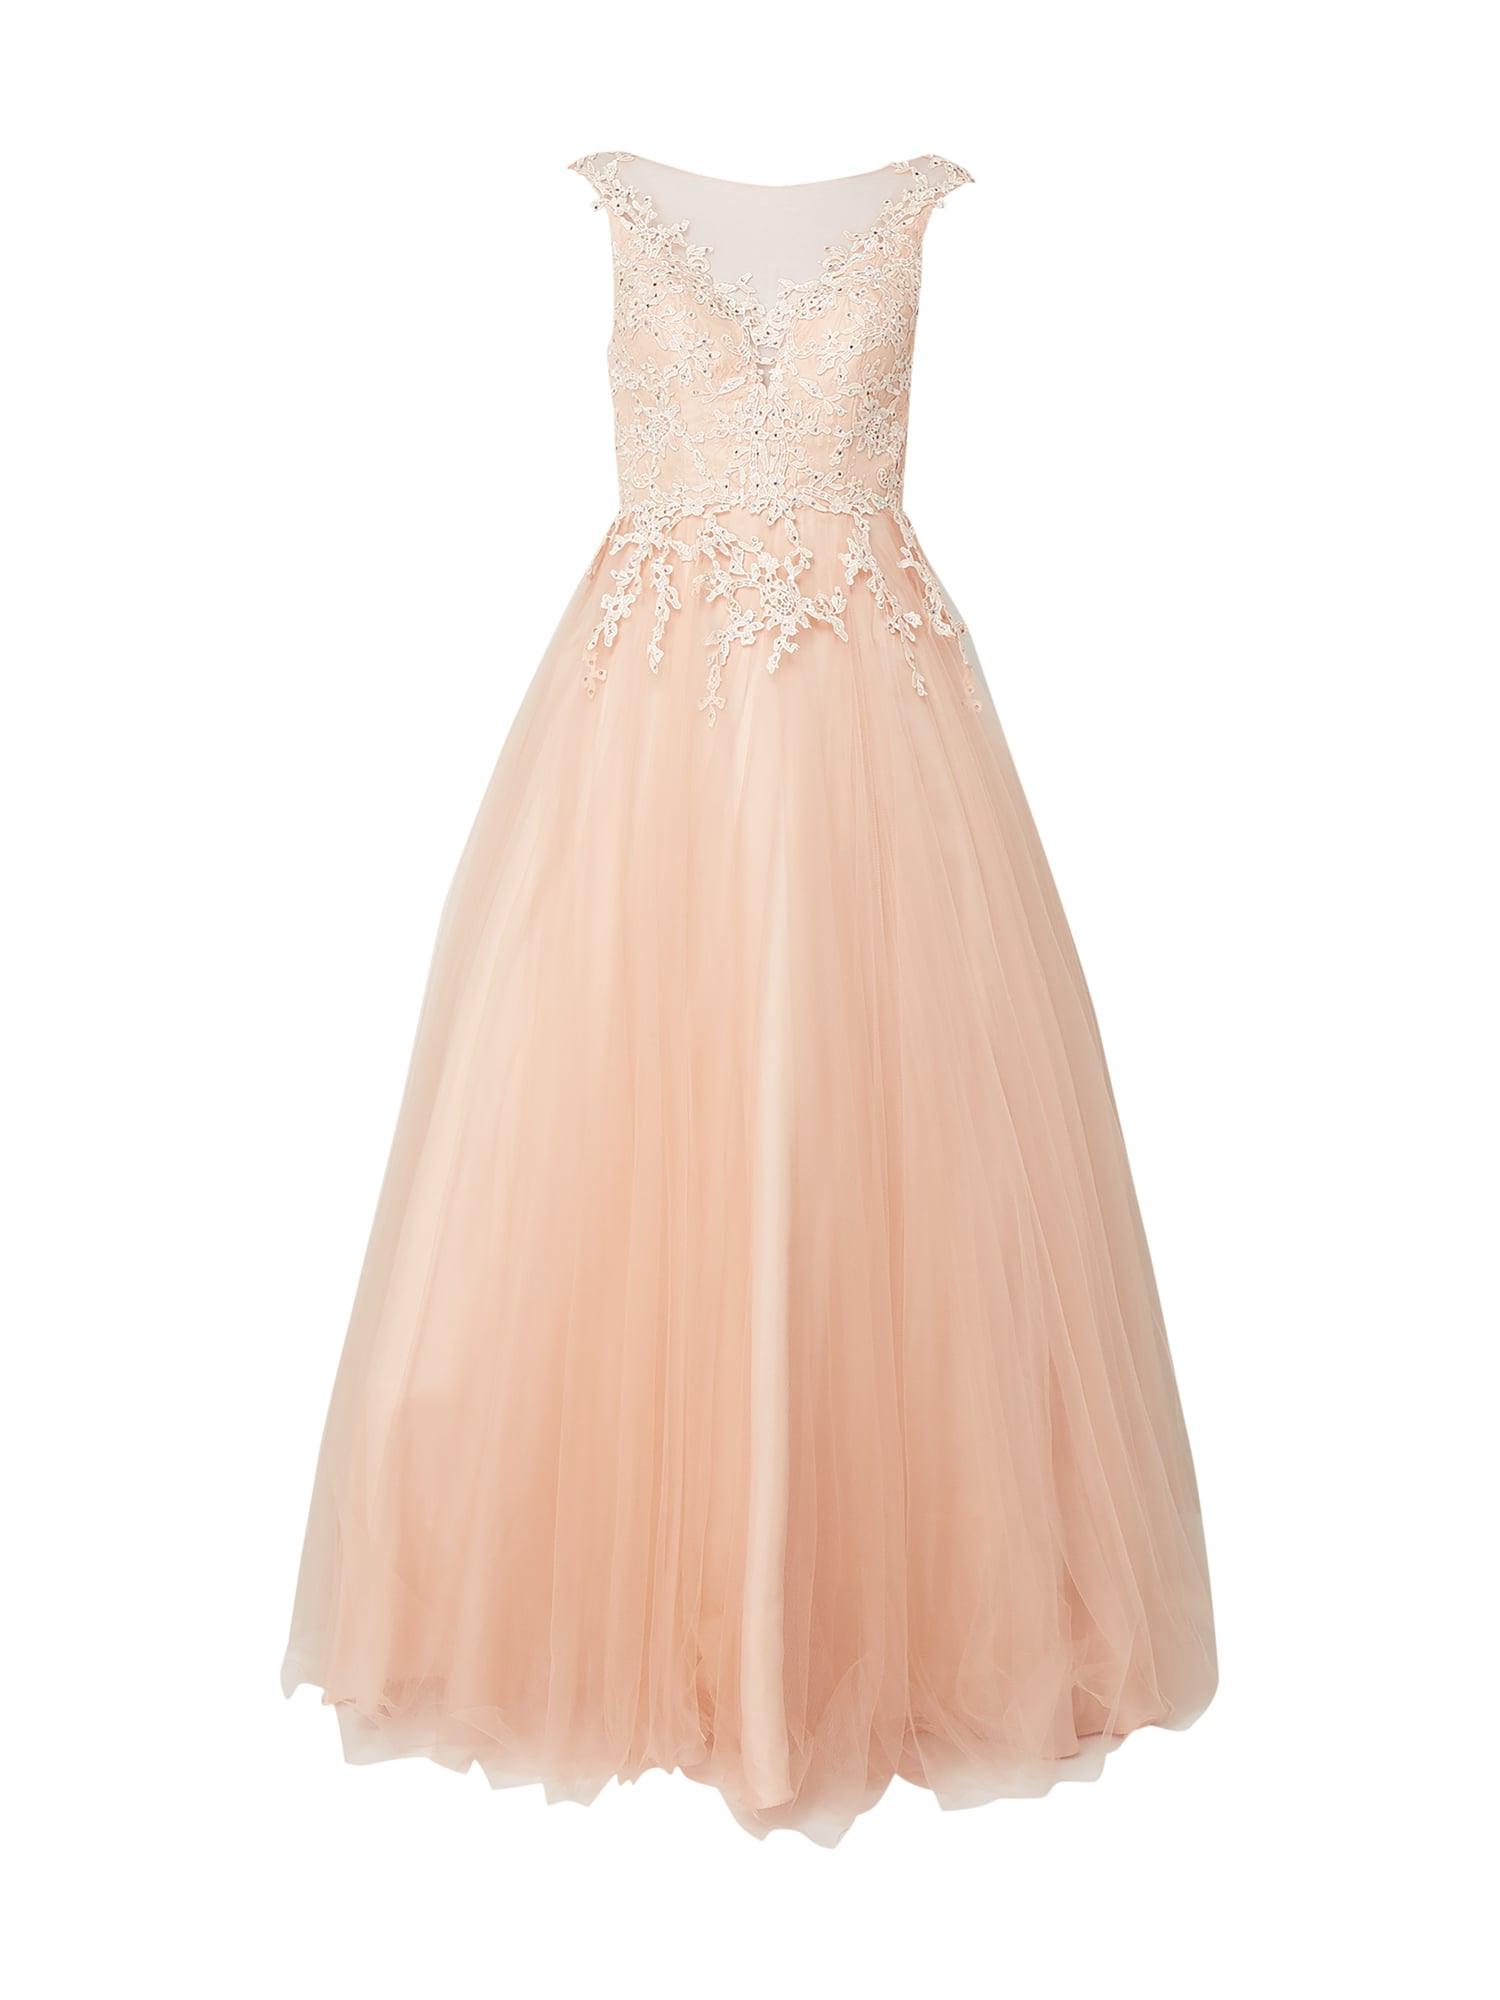 20 Schön Rose Abend Kleid Ärmel15 Ausgezeichnet Rose Abend Kleid Spezialgebiet